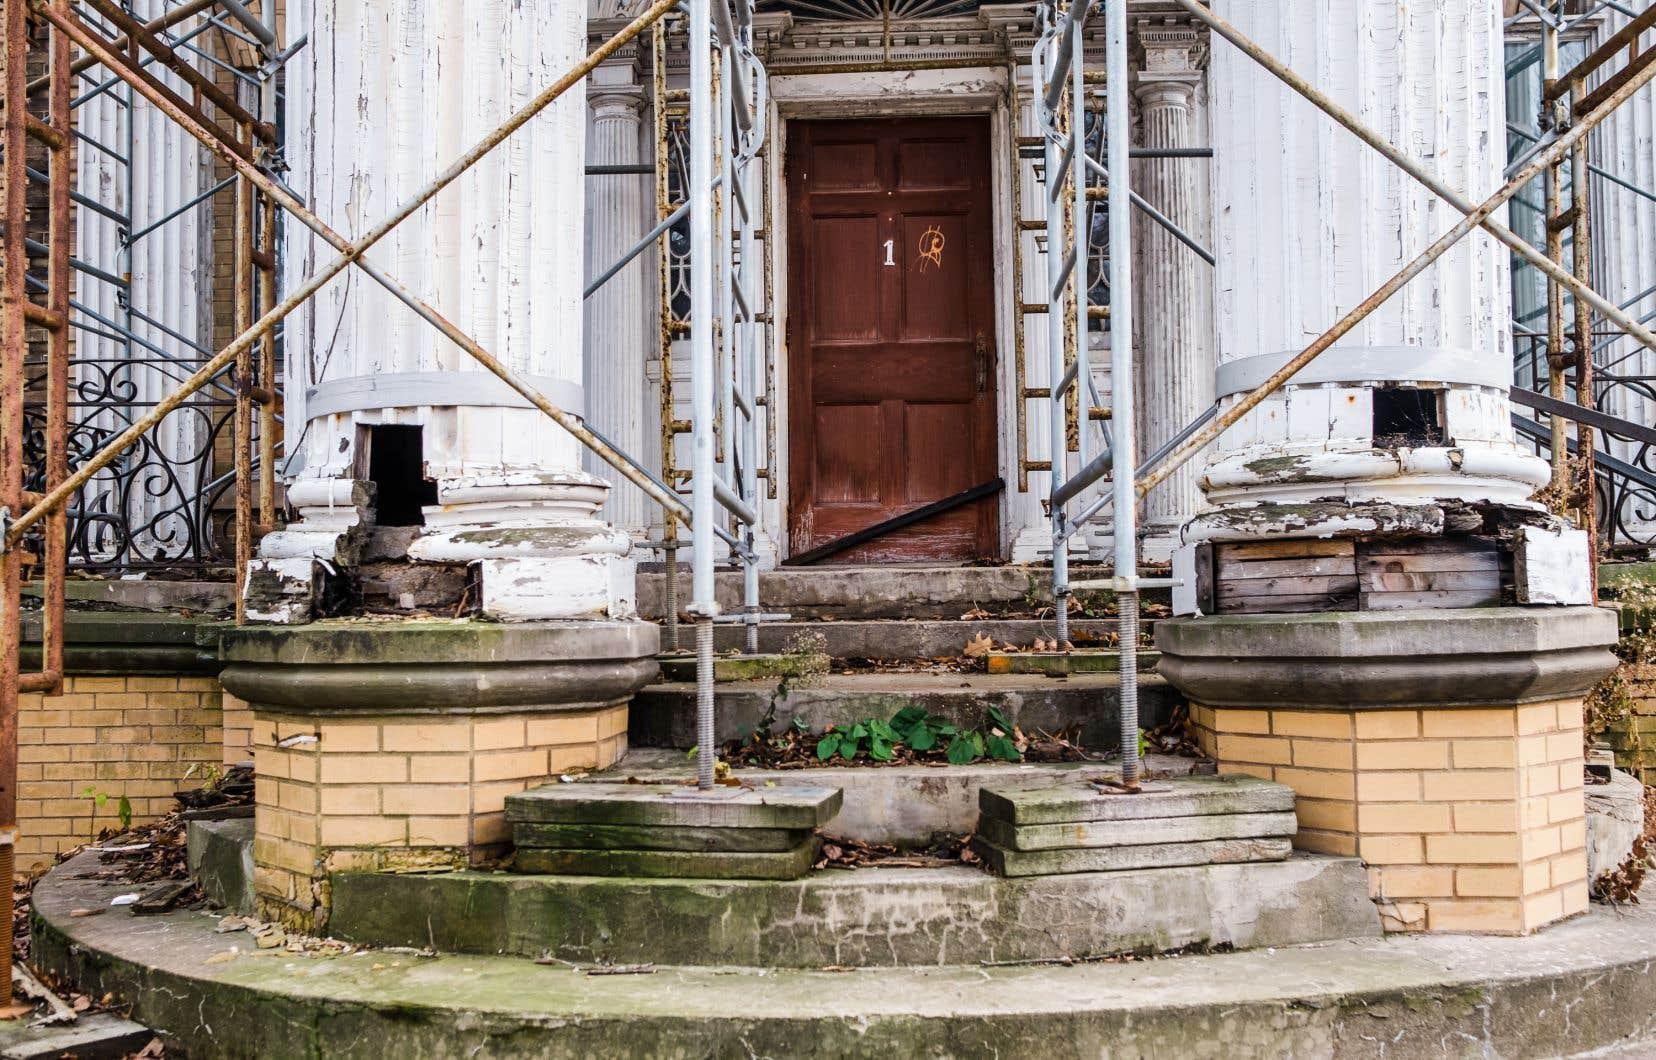 La maison Pollack, construite dans le style des grandes demeures bourgeoises néobaroques du début du XXesiècle, avait été dessinée, avant la Première Guerre mondiale, par l'architecte René-Pamphile Lemay.